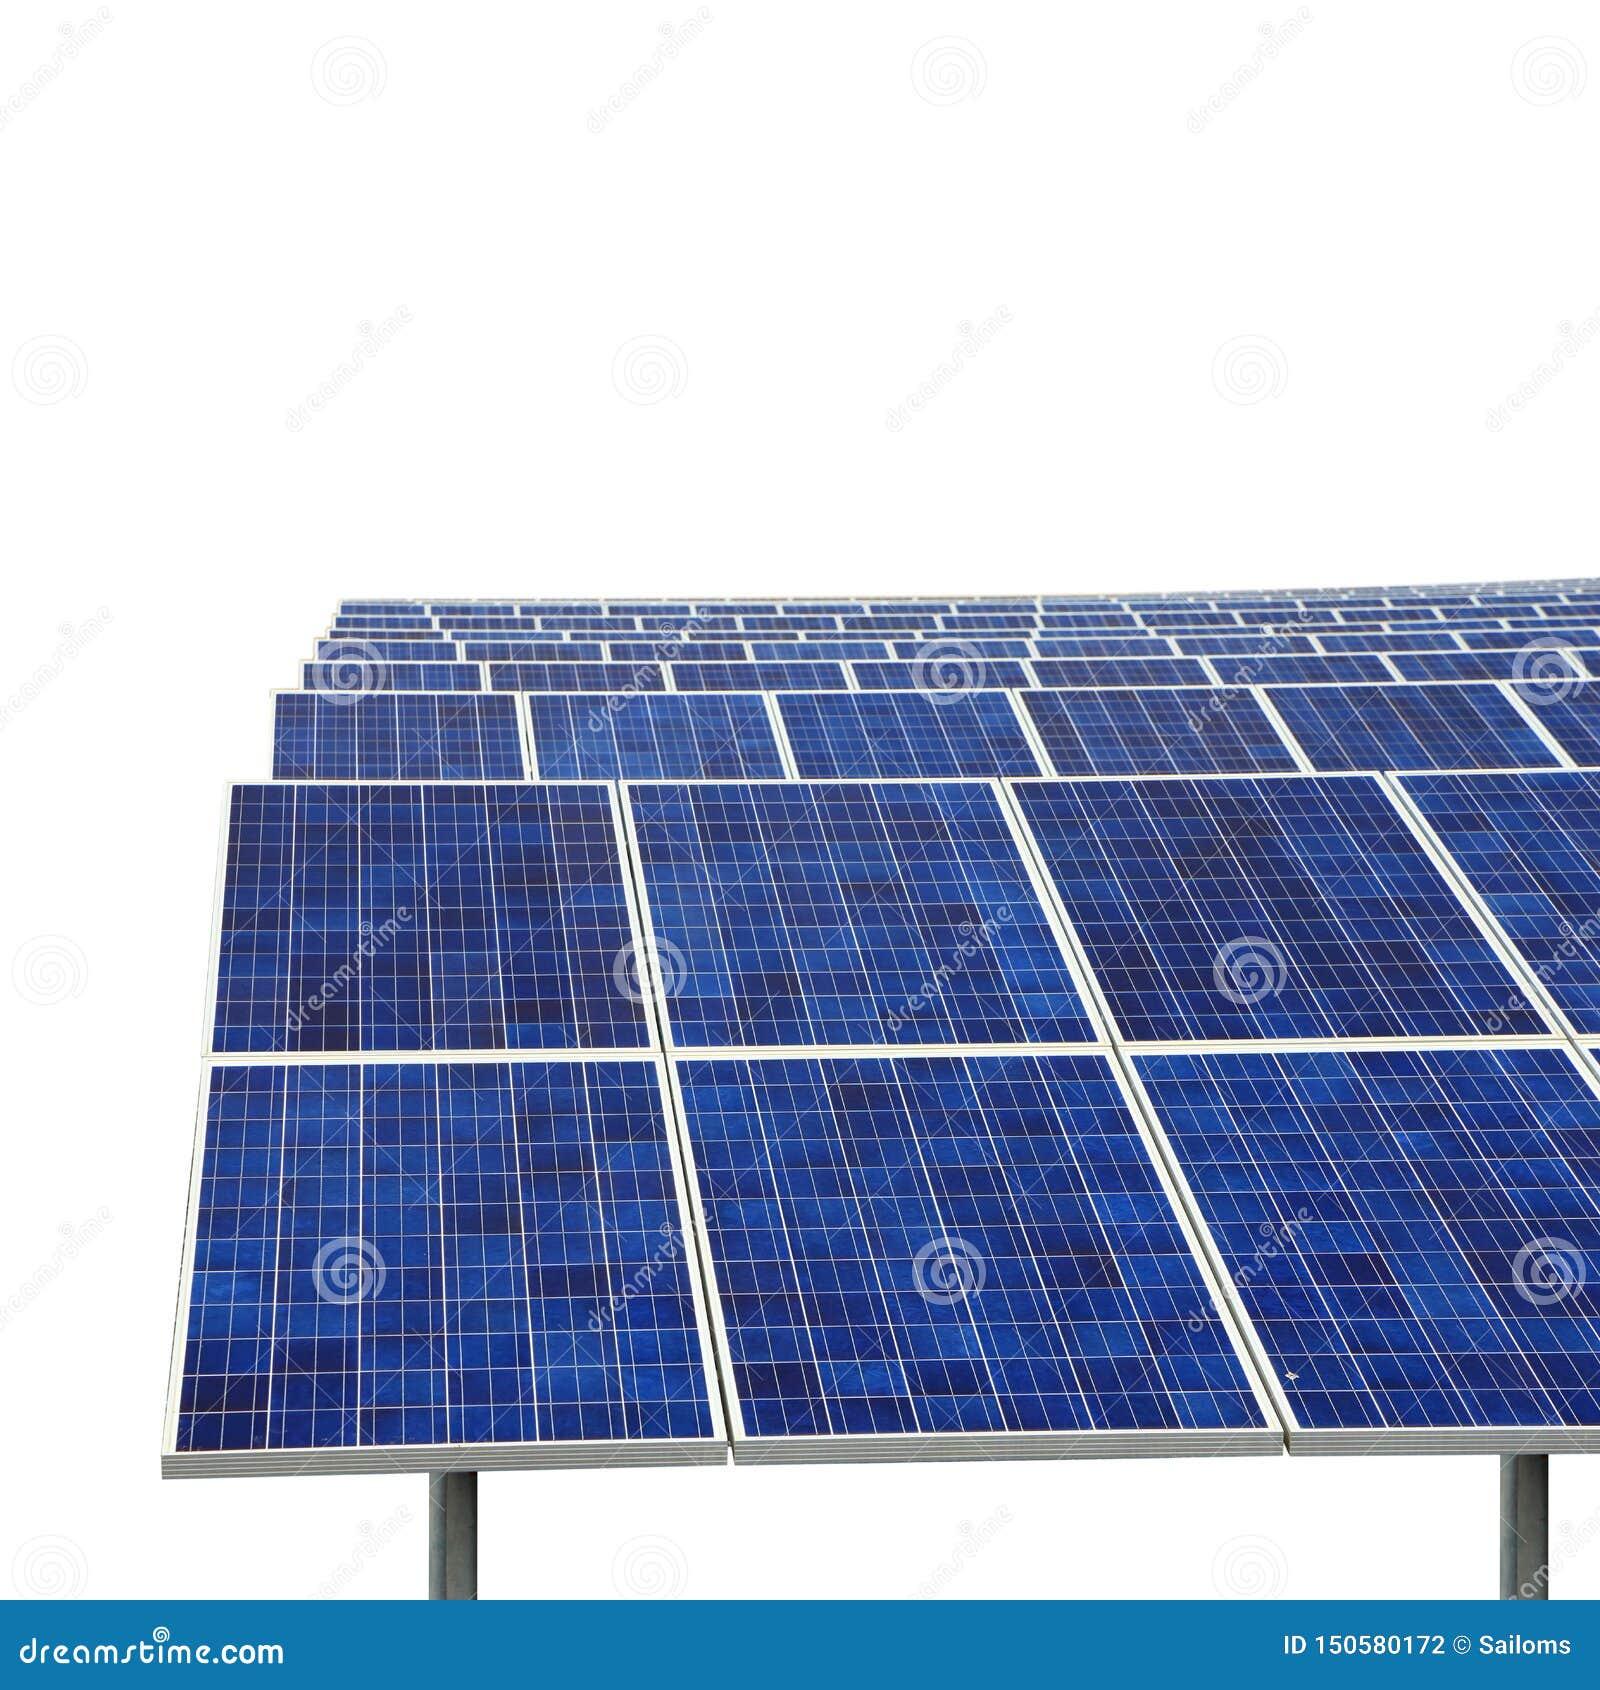 Solar farm eco photovoltaic power station isolated